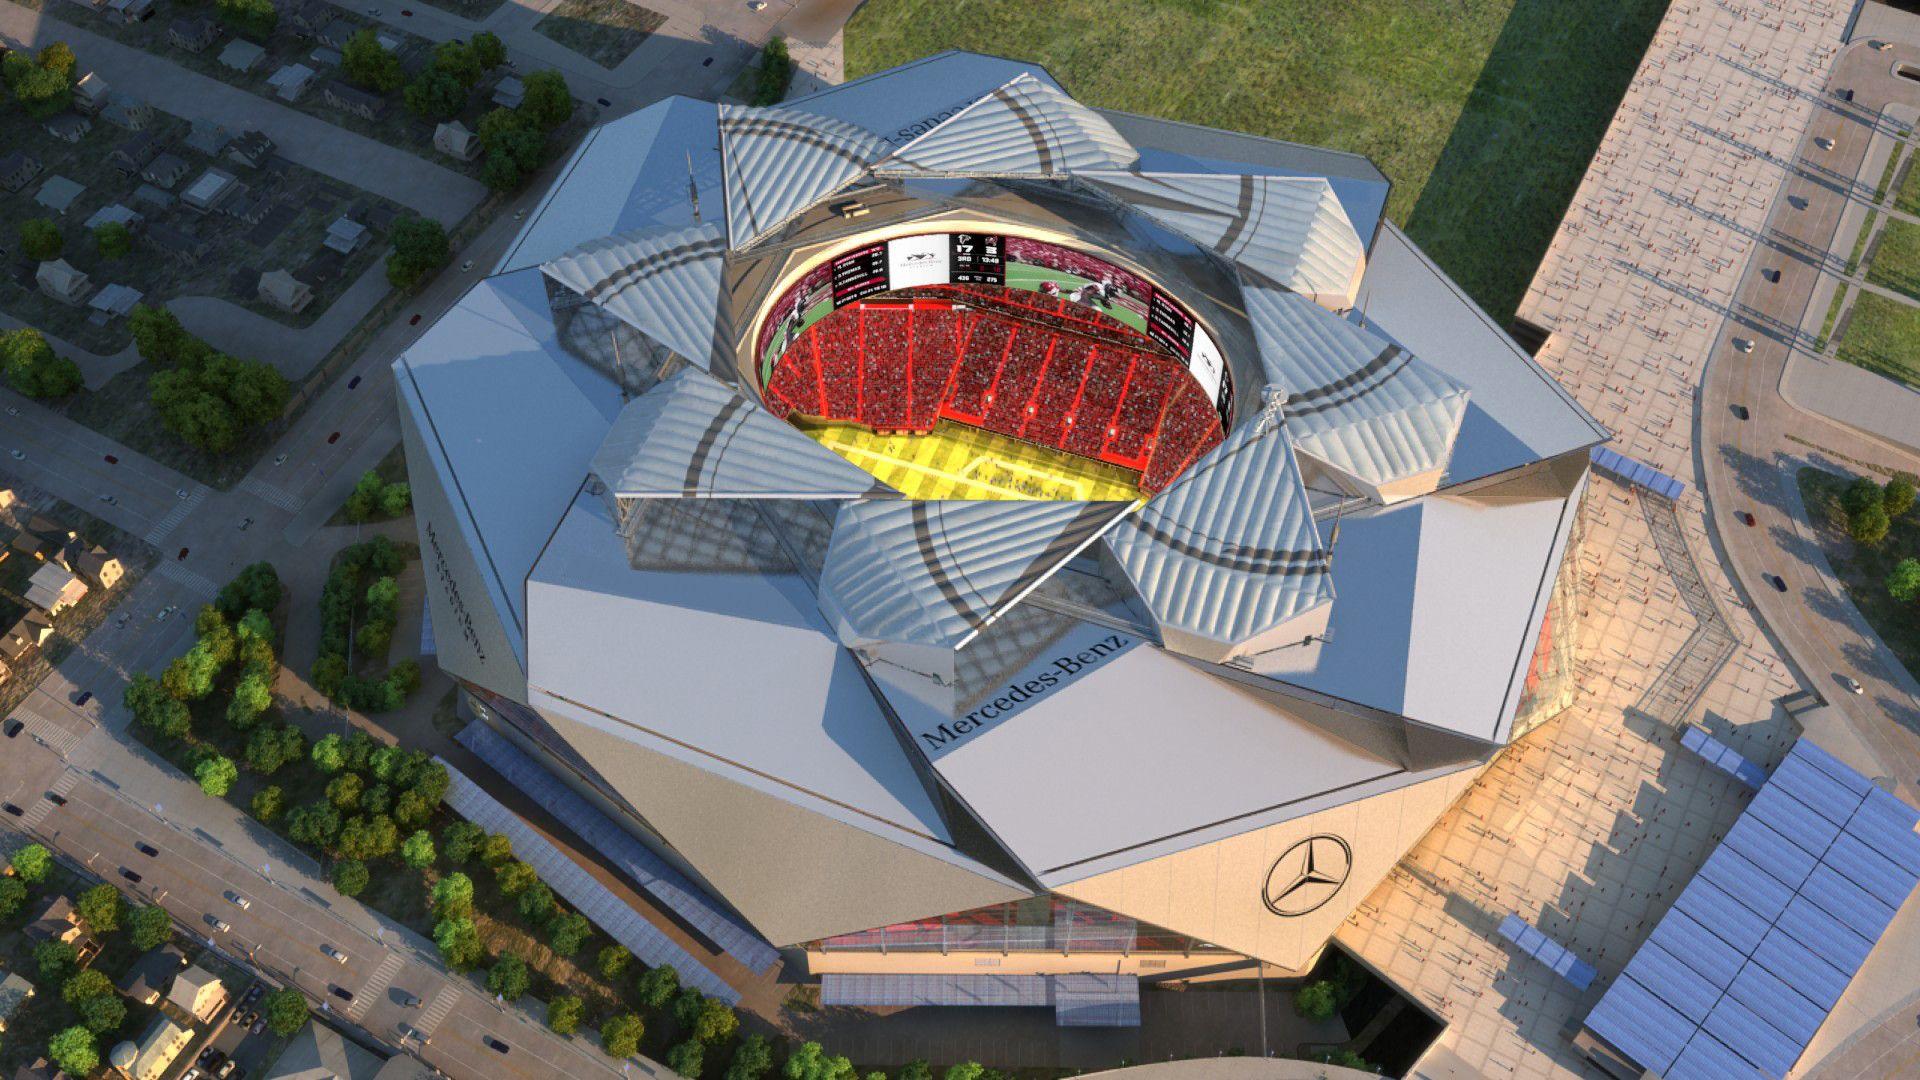 Report Mercedes Benz Stadium S Retractable Roof Design Causing Problems Atlanta Falcons Stadium Stadium Architecture Stadium Design